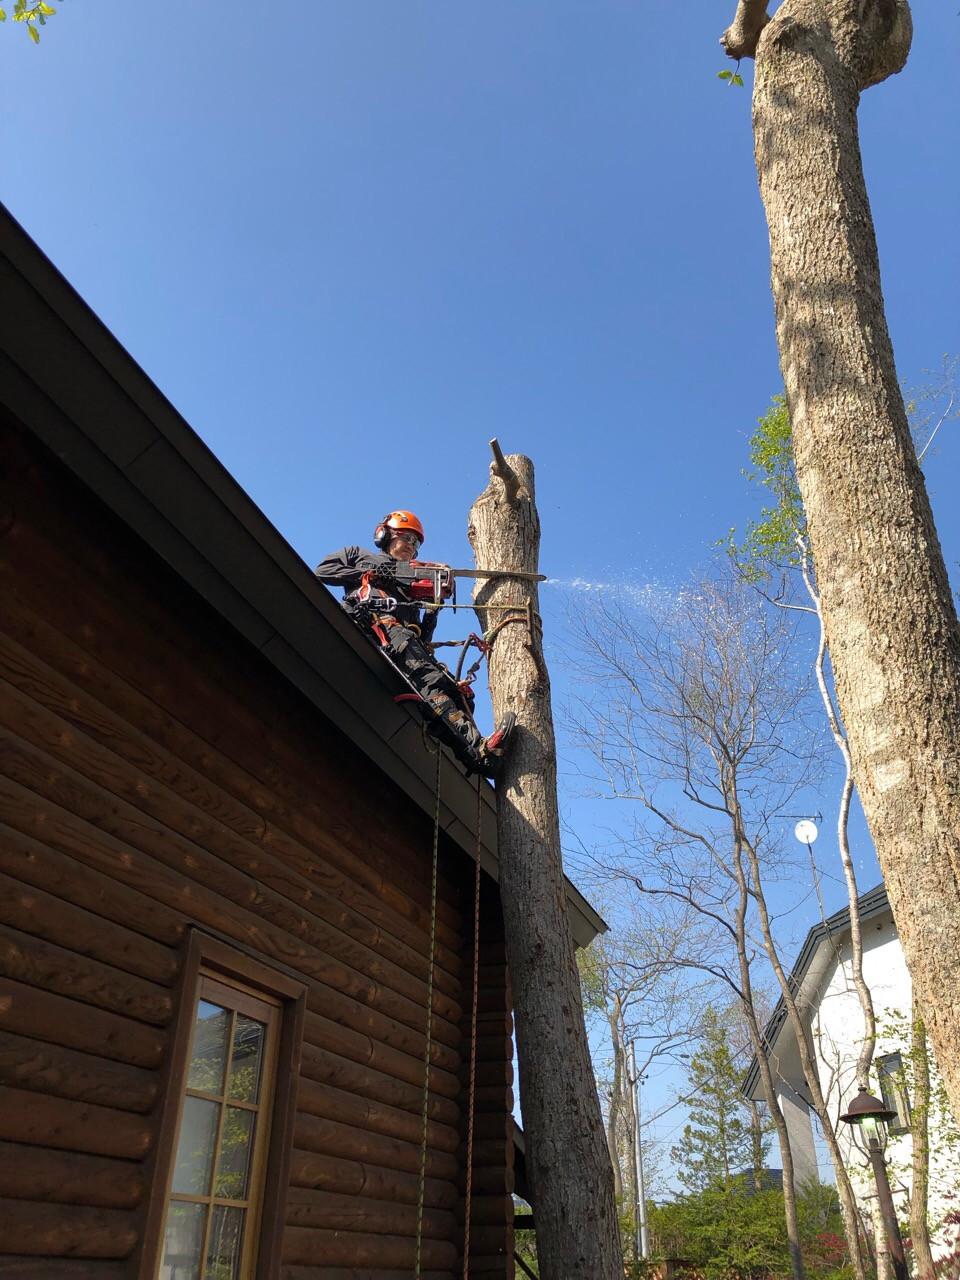 屋根にくっつきそうな生え方の木を伐採